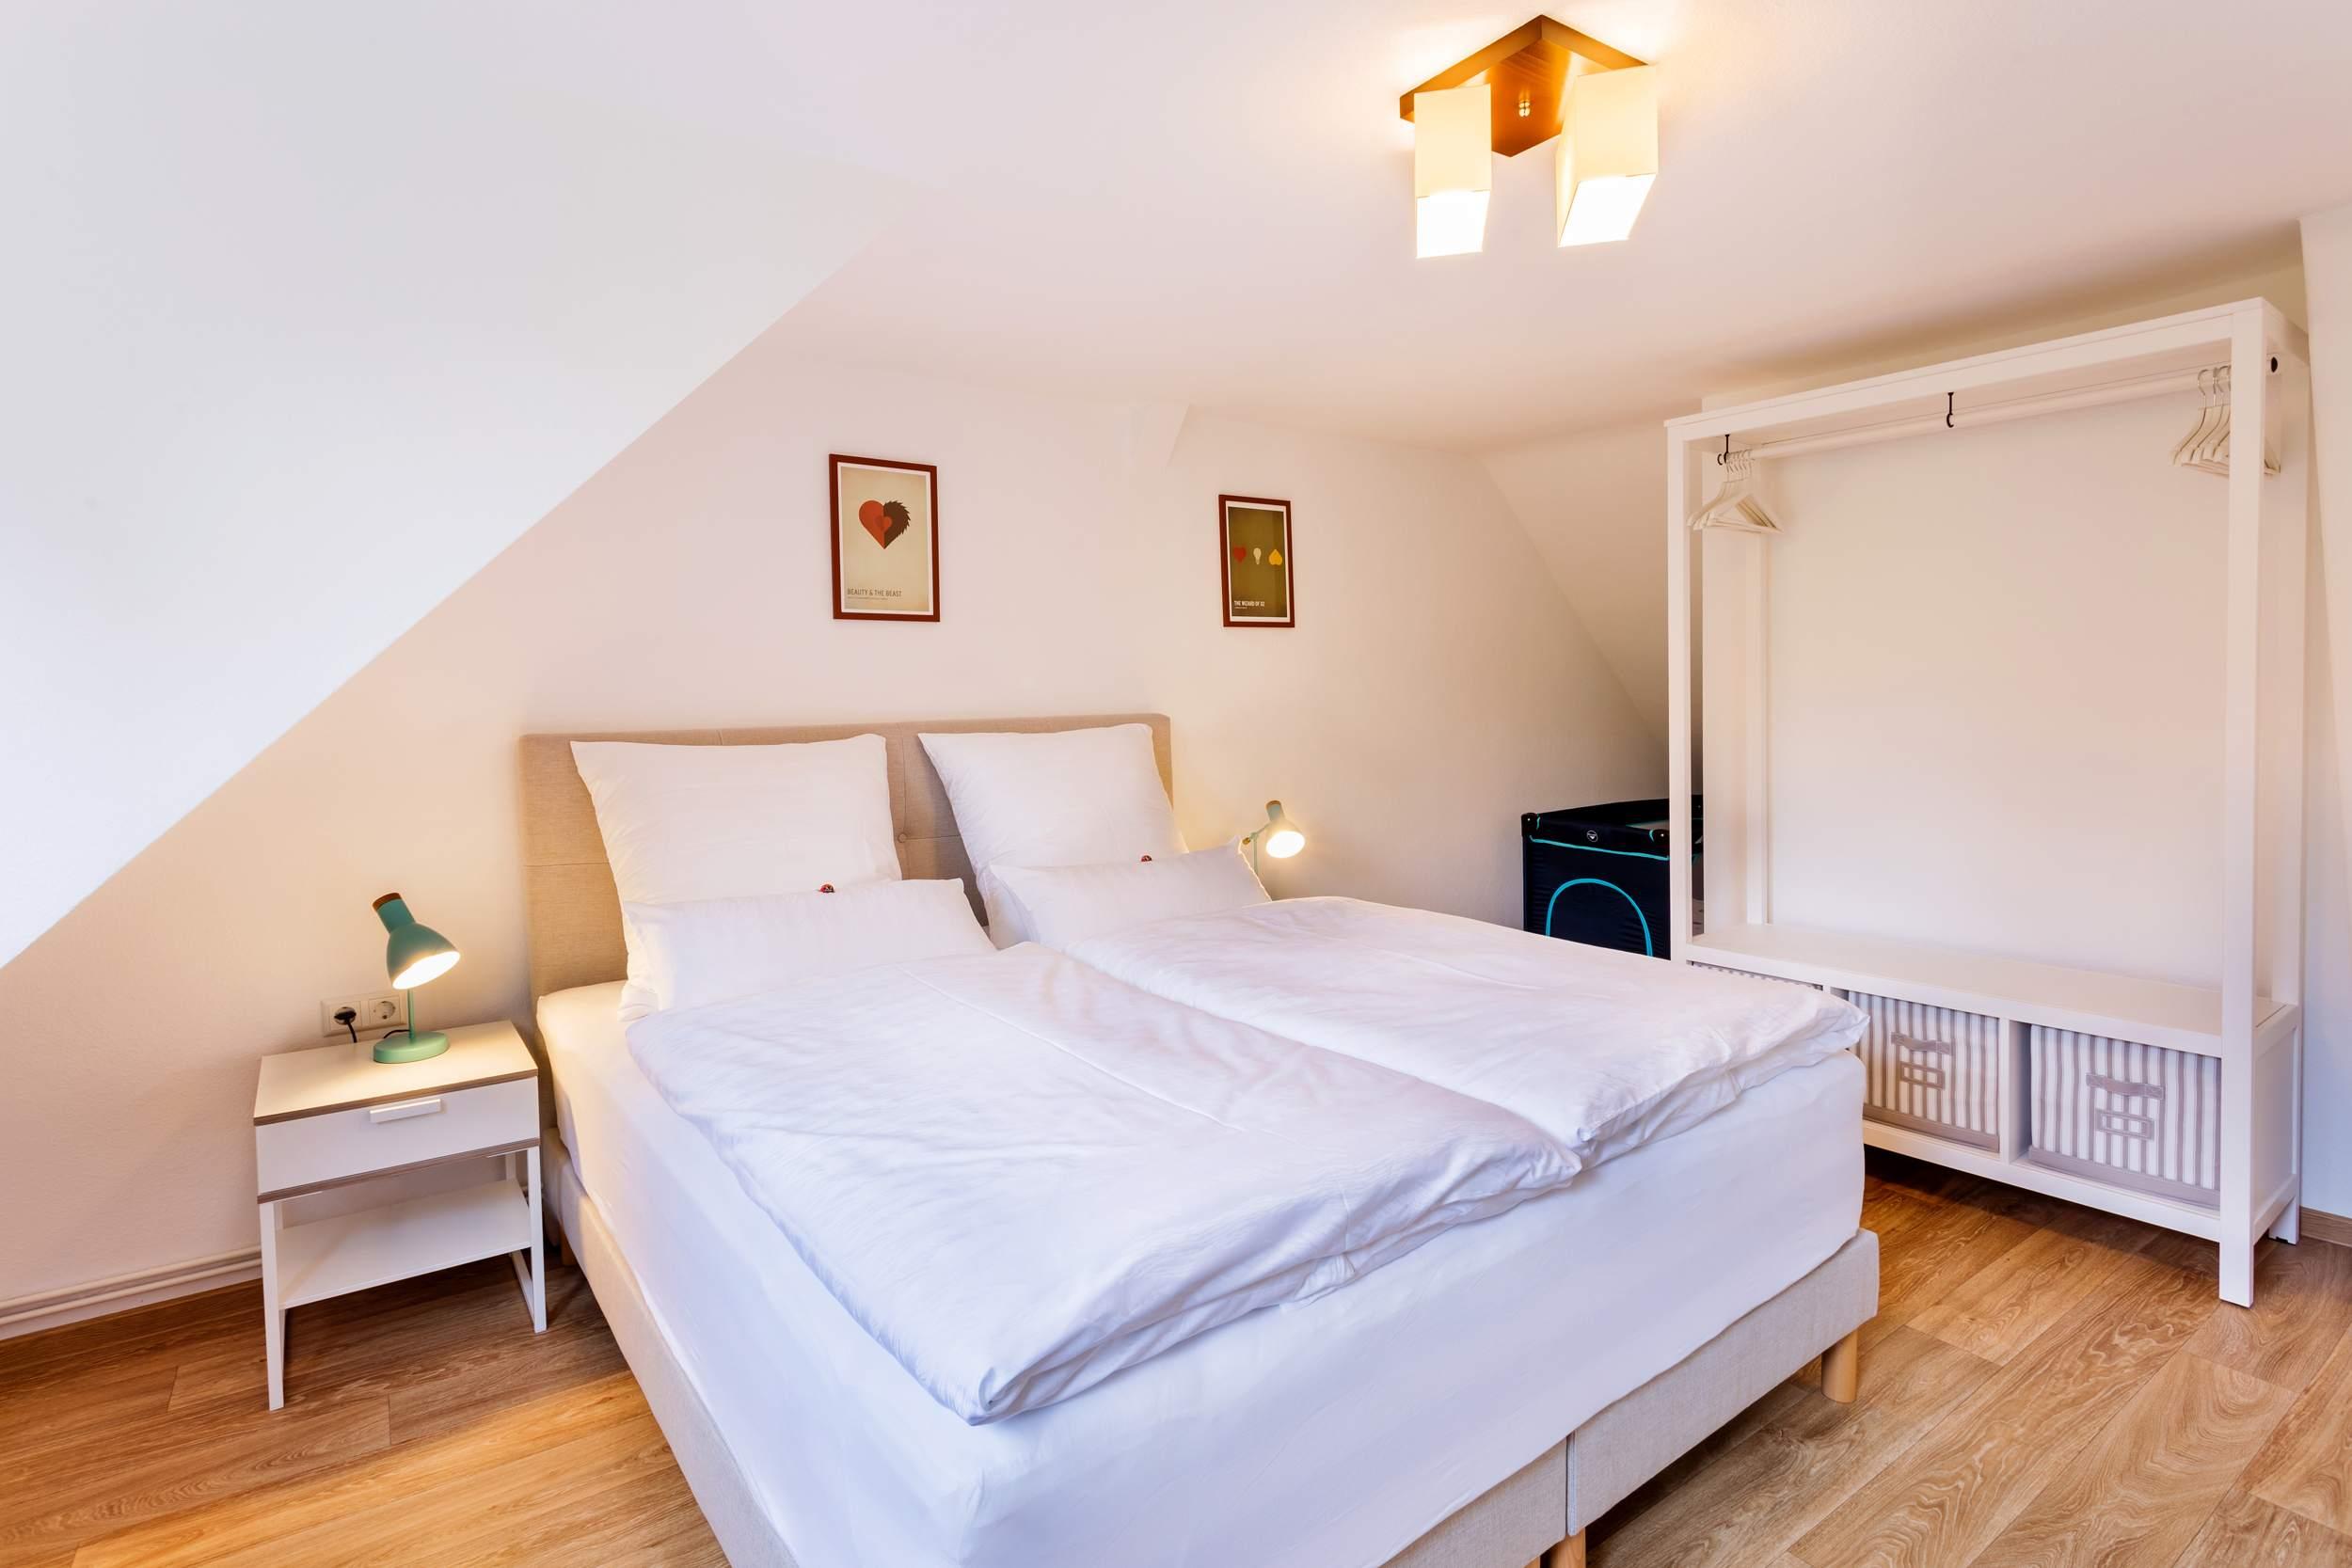 Ferienwohnung Bad Sachsa Harz - Schlafzimmer mit Kinderbett